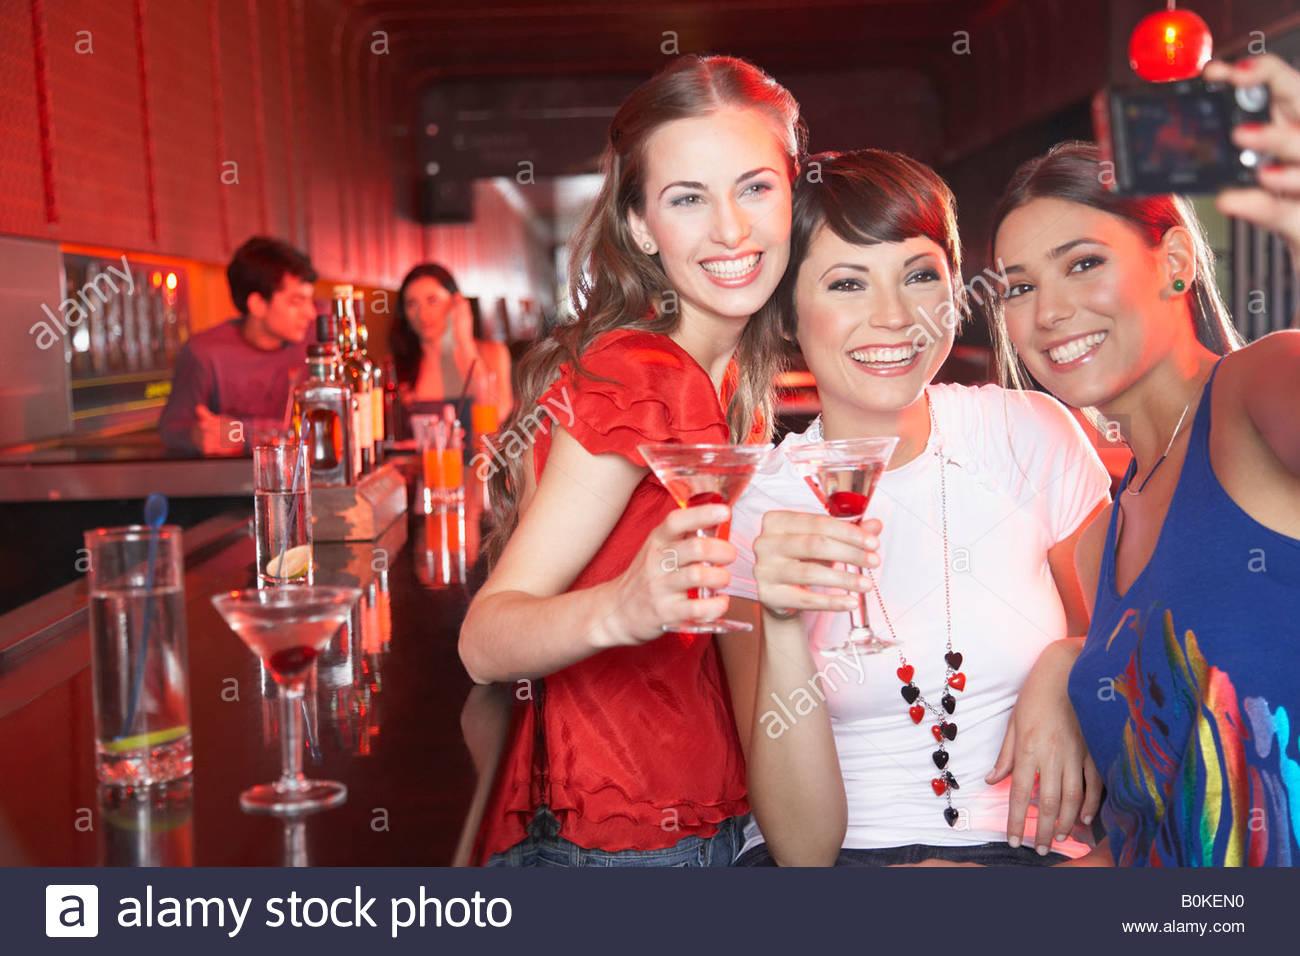 Tre donne in discoteca con bevande tenendo autoritratto con fotocamera digitale sorridente Immagini Stock